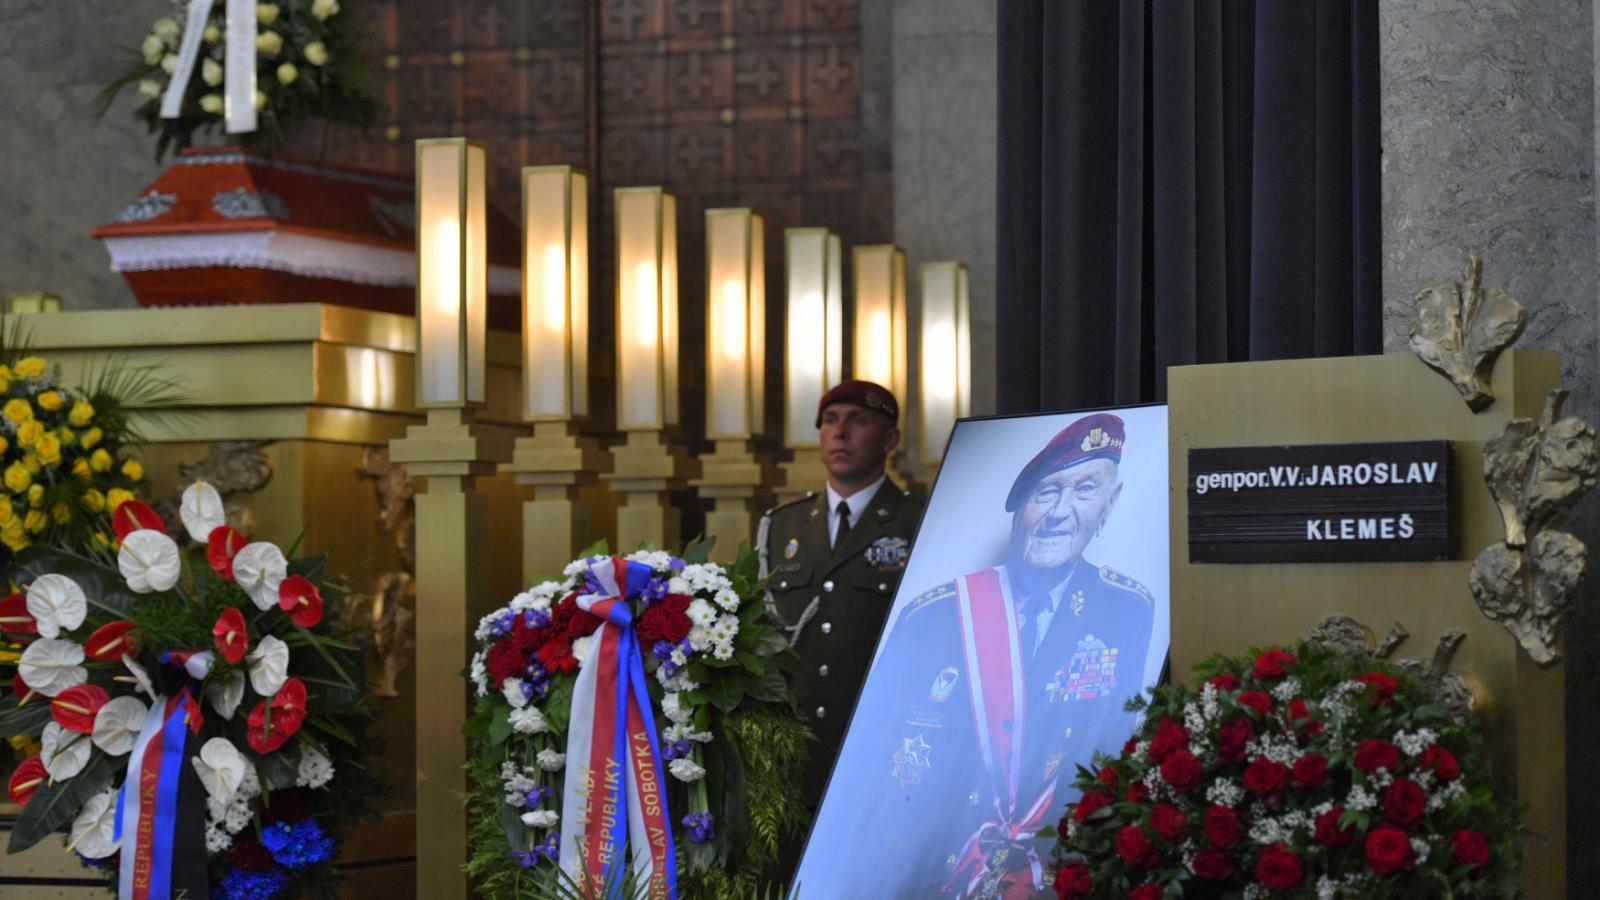 Pohřeb válečného hrdiny a veterána Jaroslava Klemeše - na snímku jeho portrét